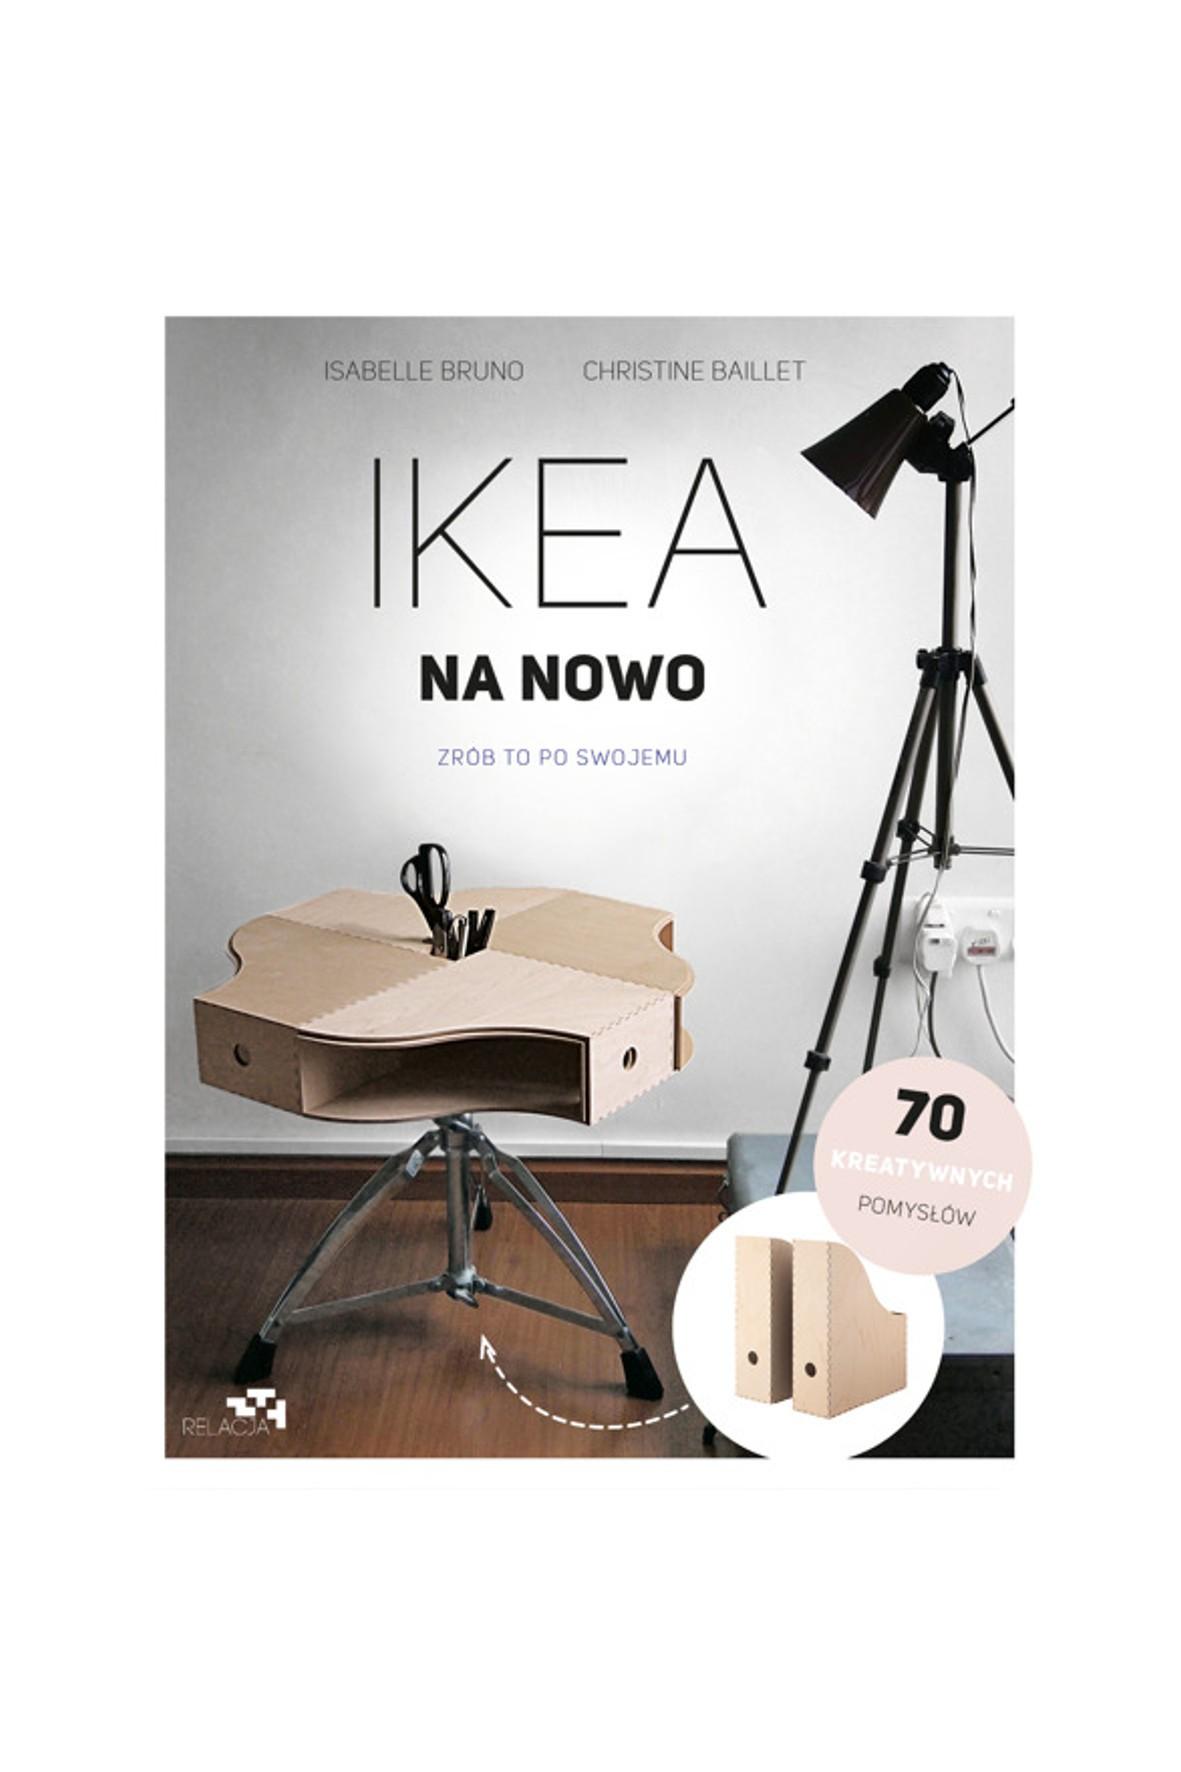 """Książka """"Ikea na nowo. Zrób to po swojemu"""""""